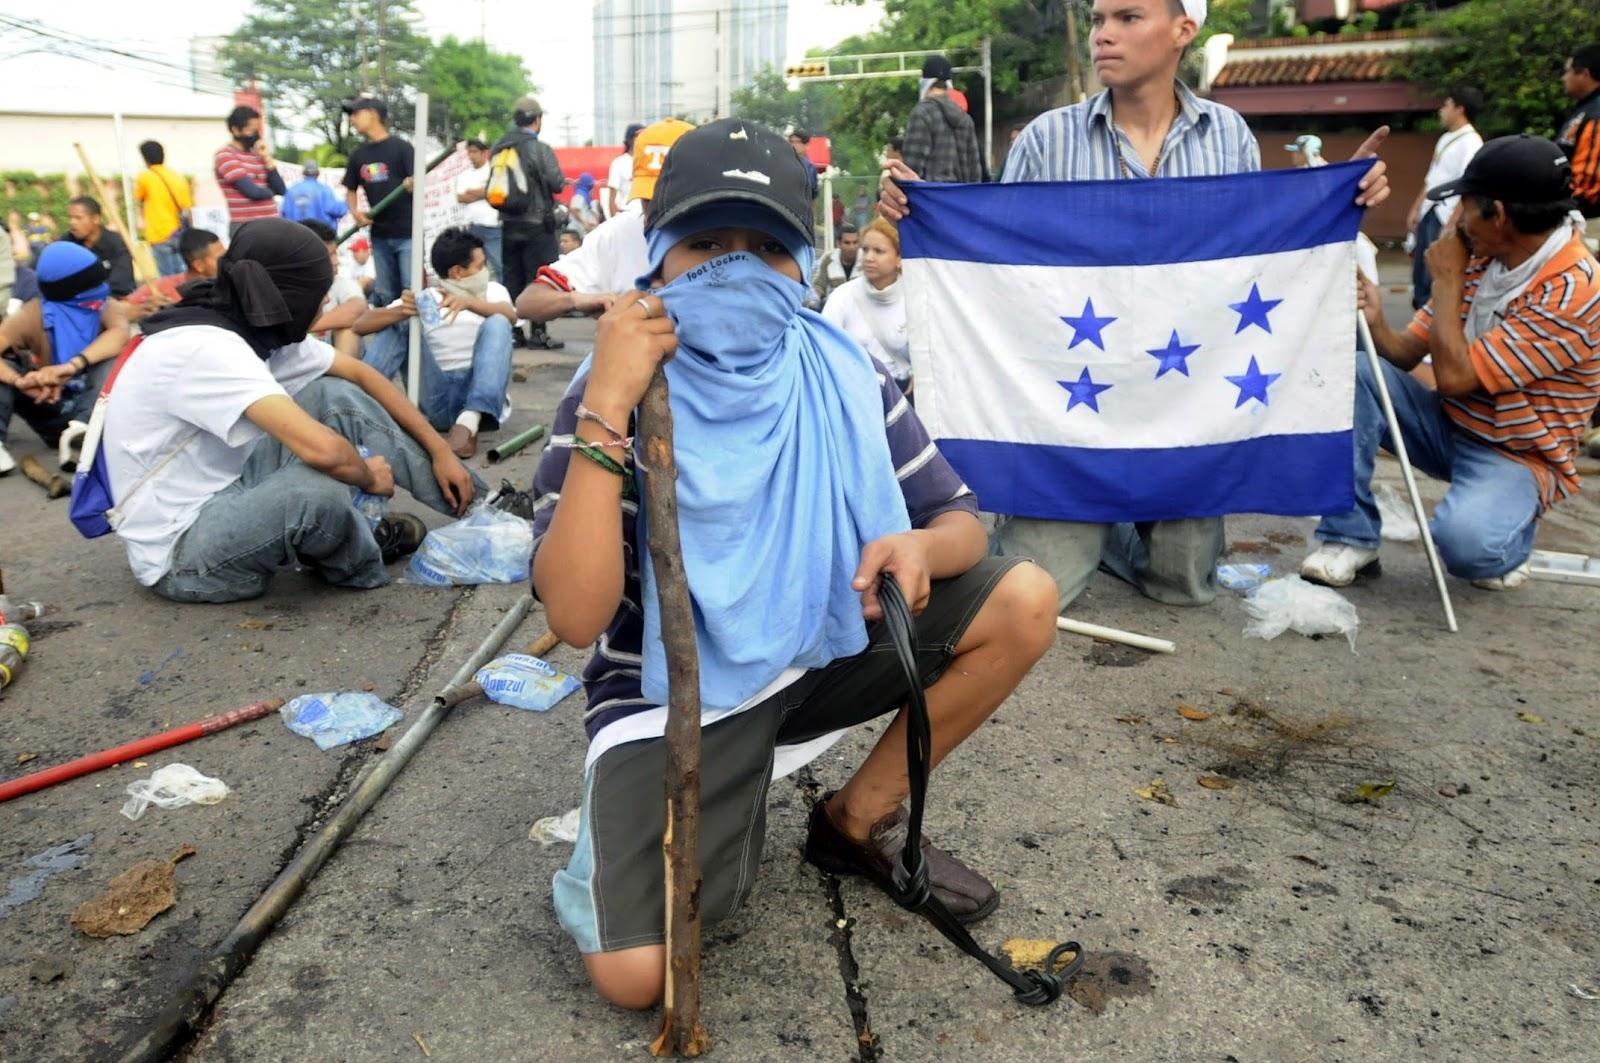 fotos graciosas de politicos Imágenes divertidas y graciosas  - imagenes chistosas de politicos hondureños